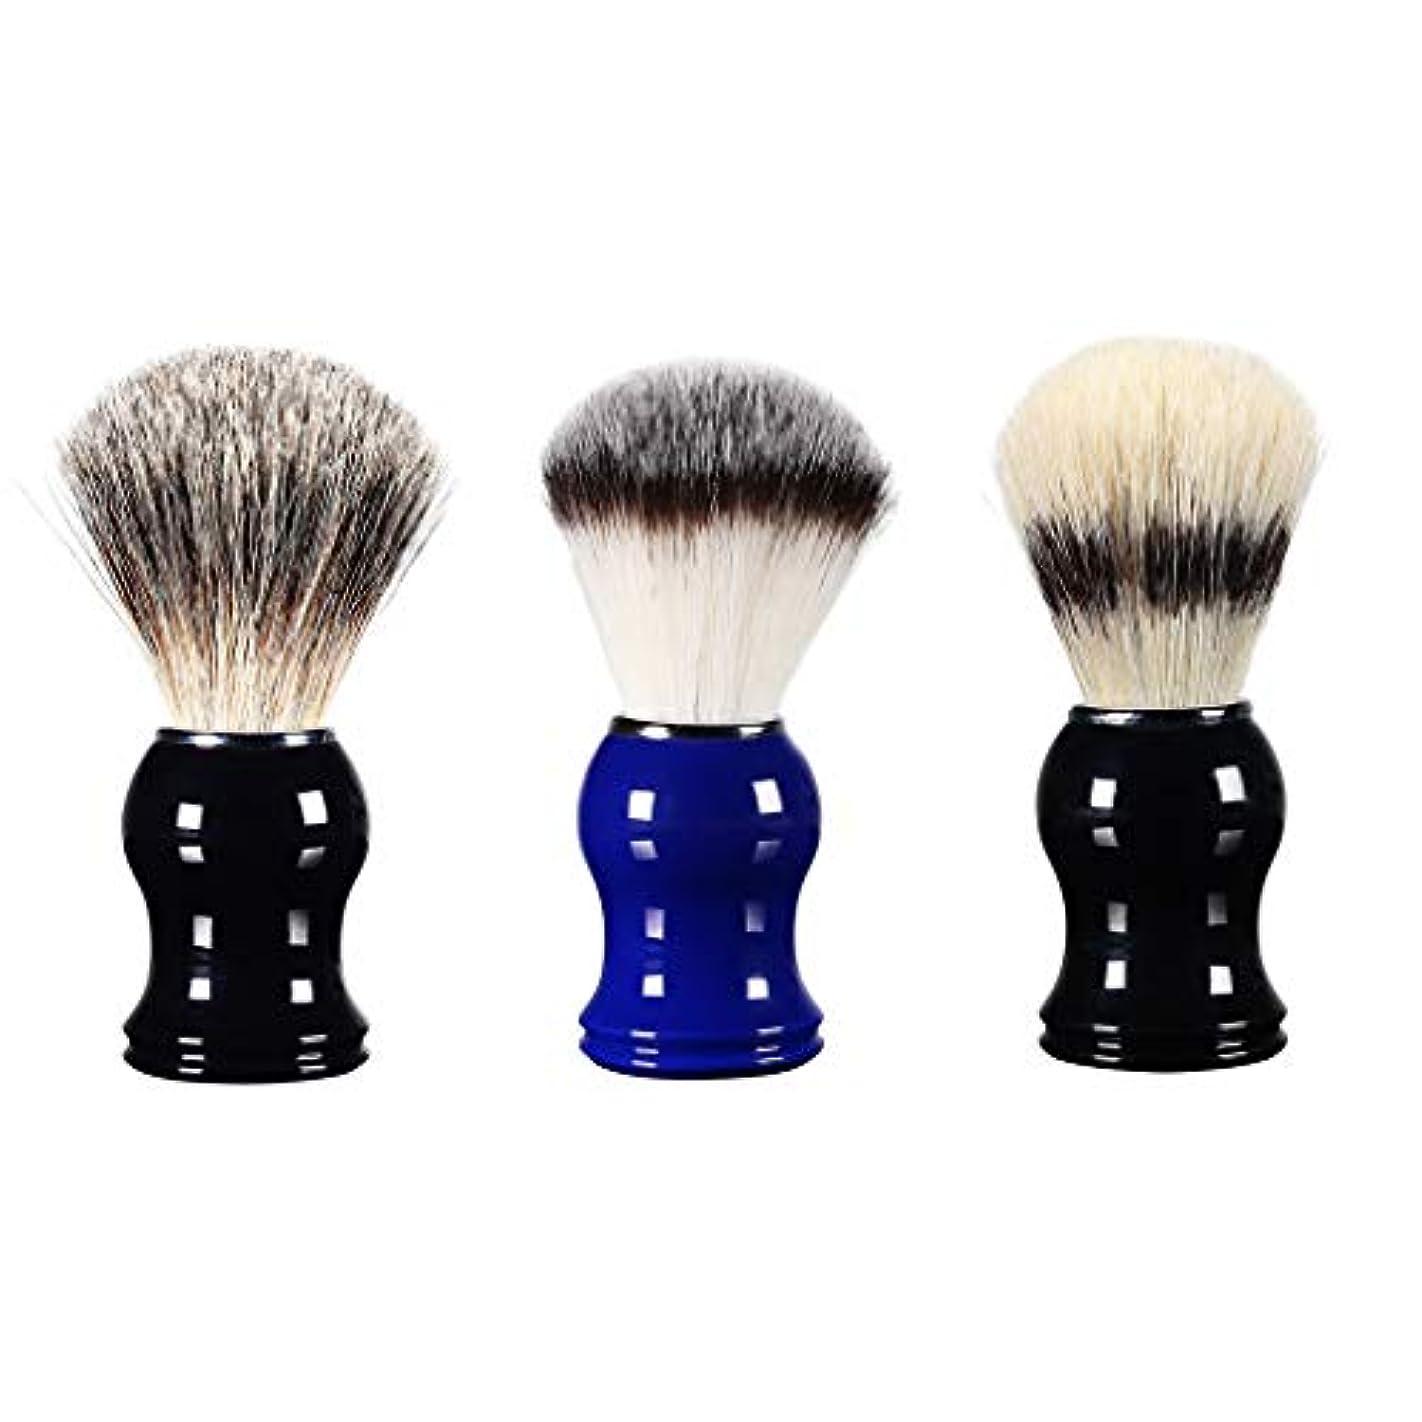 温帯ミネラル宿命dailymall 3 Xプロのひげ剃りブラシ男性化粧品グルーミングツール樹脂ハンドル